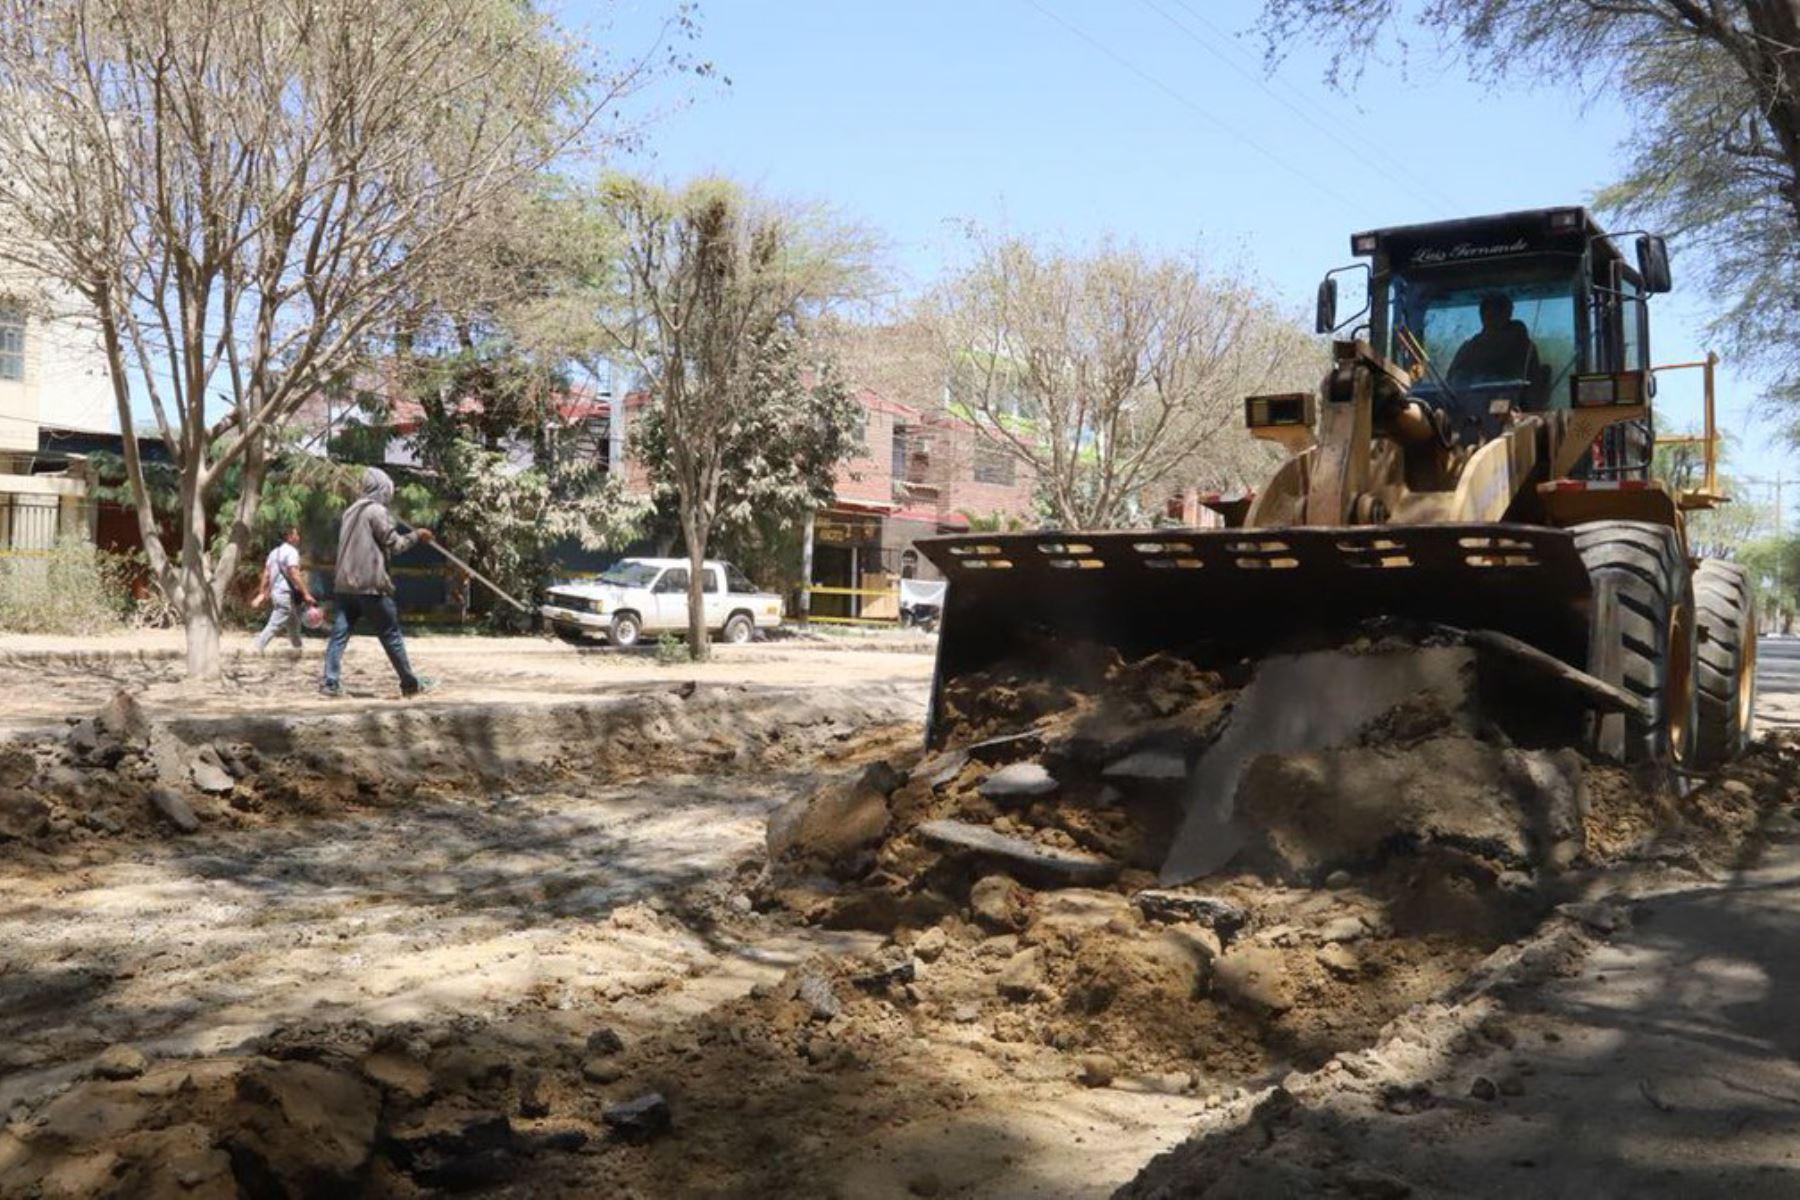 La Autoridad para la Reconstrucción con Cambios transfirió 30.1 millones de soles a la región Áncash durante la segunda quincena del mes de agosto, a fin de ejecutar diversas obras viales, de saneamiento e infraestructura de riego.